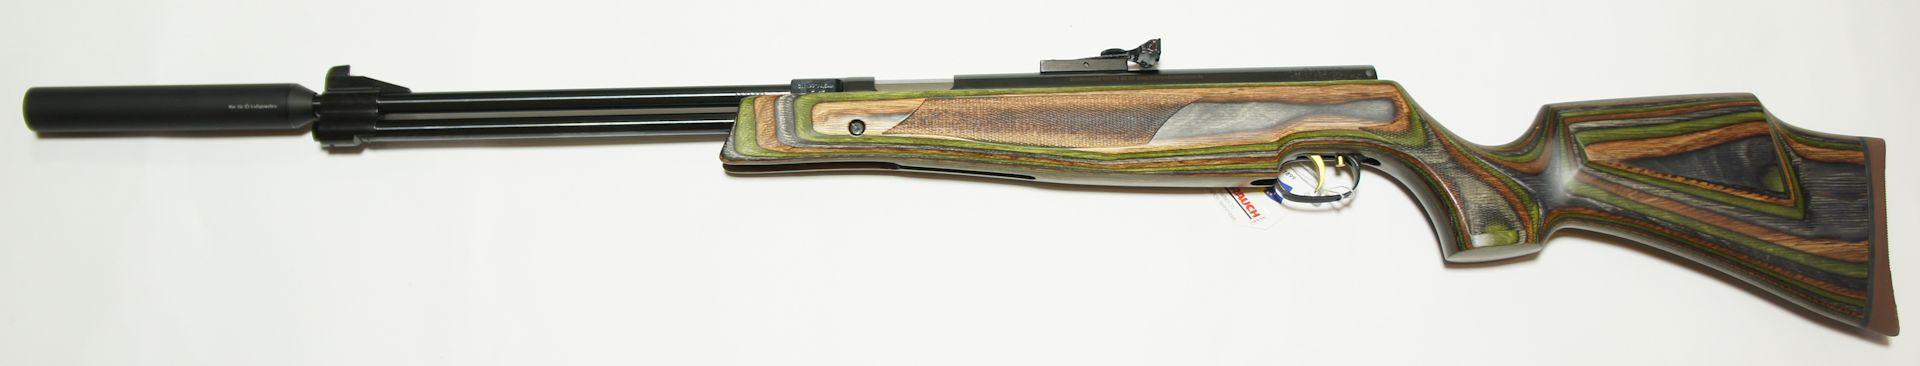 Luftgewehr HW 77 K Kal. 5,5mm mit Laufgewinde und Schalldämpfer im grünen Schichtholzschaft